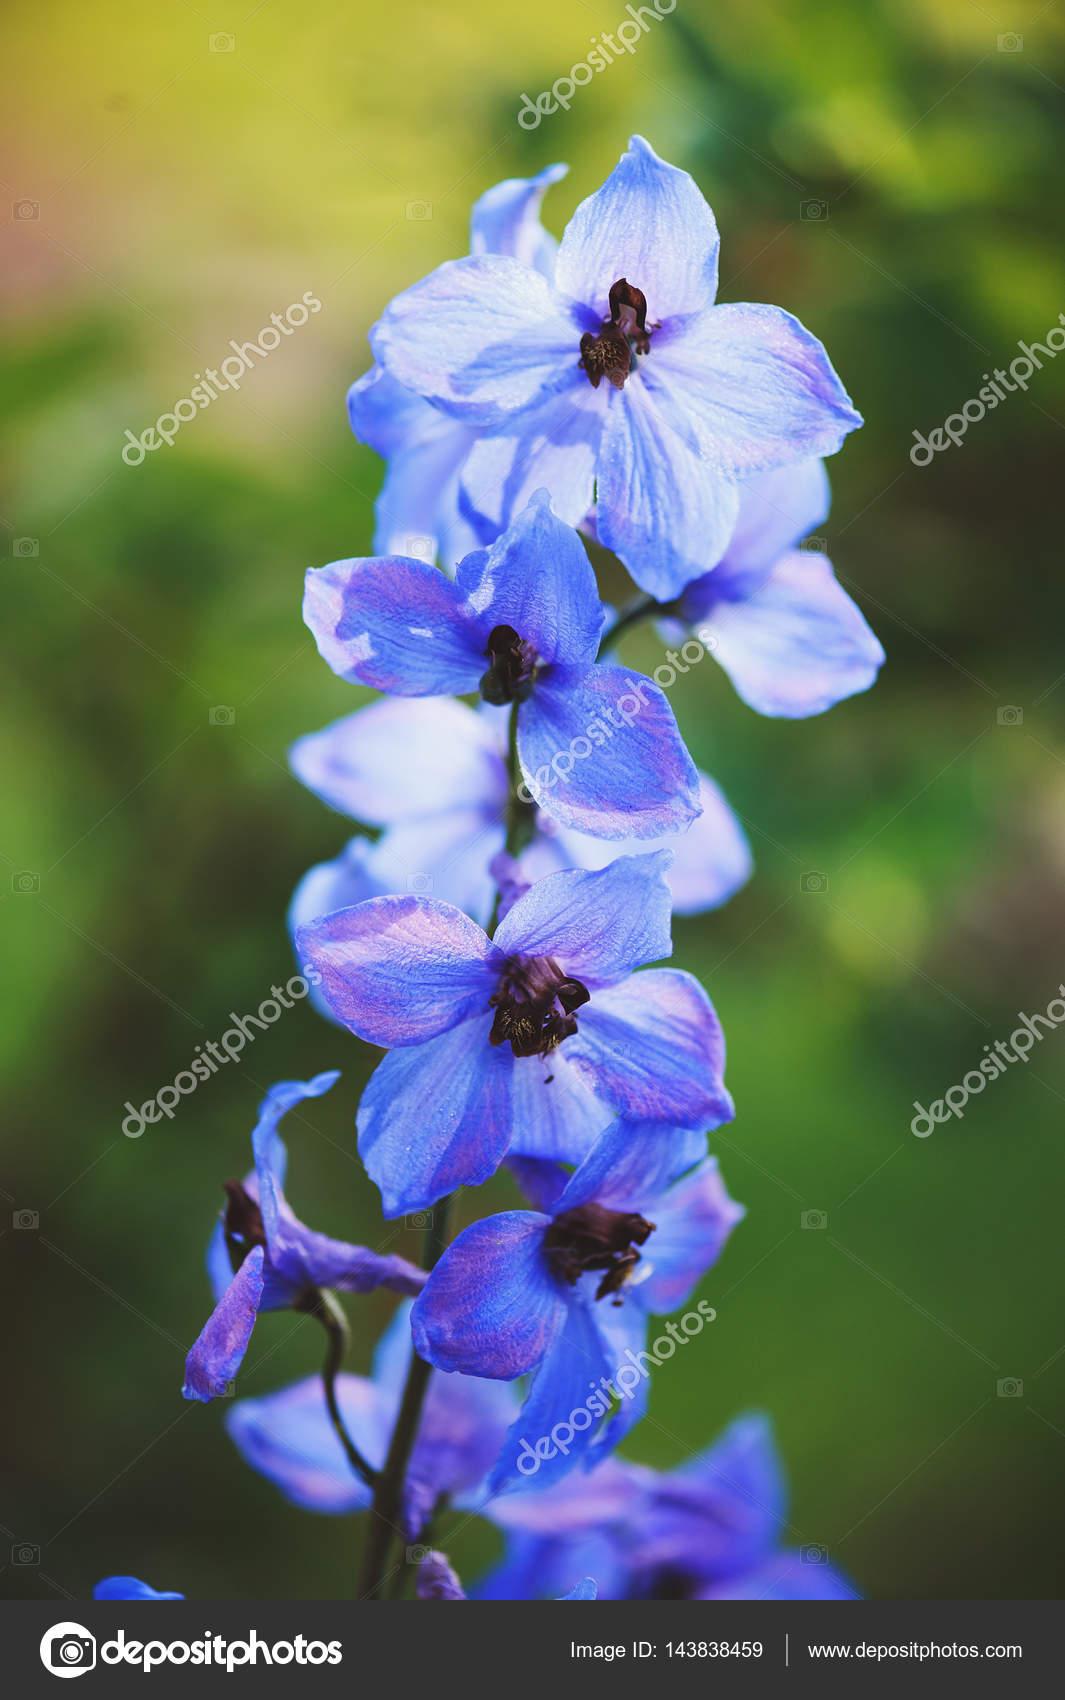 Flowering Delphinium Closeup In Summer Garden Growing Beautiful